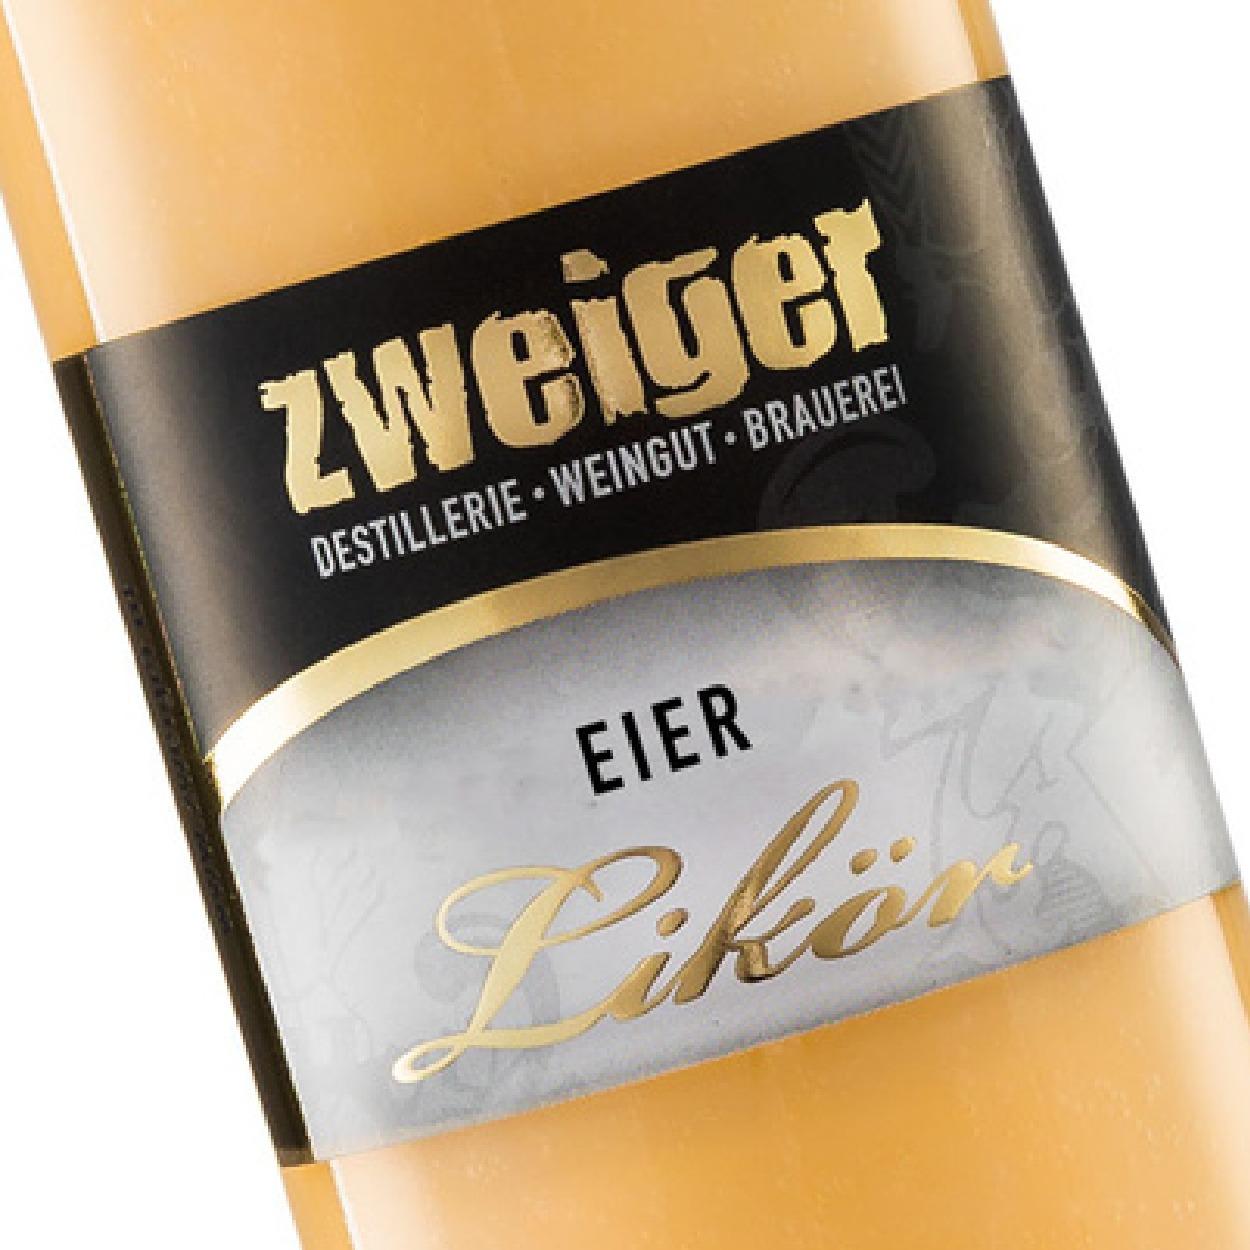 Eierlikör Zweiger Destillerie